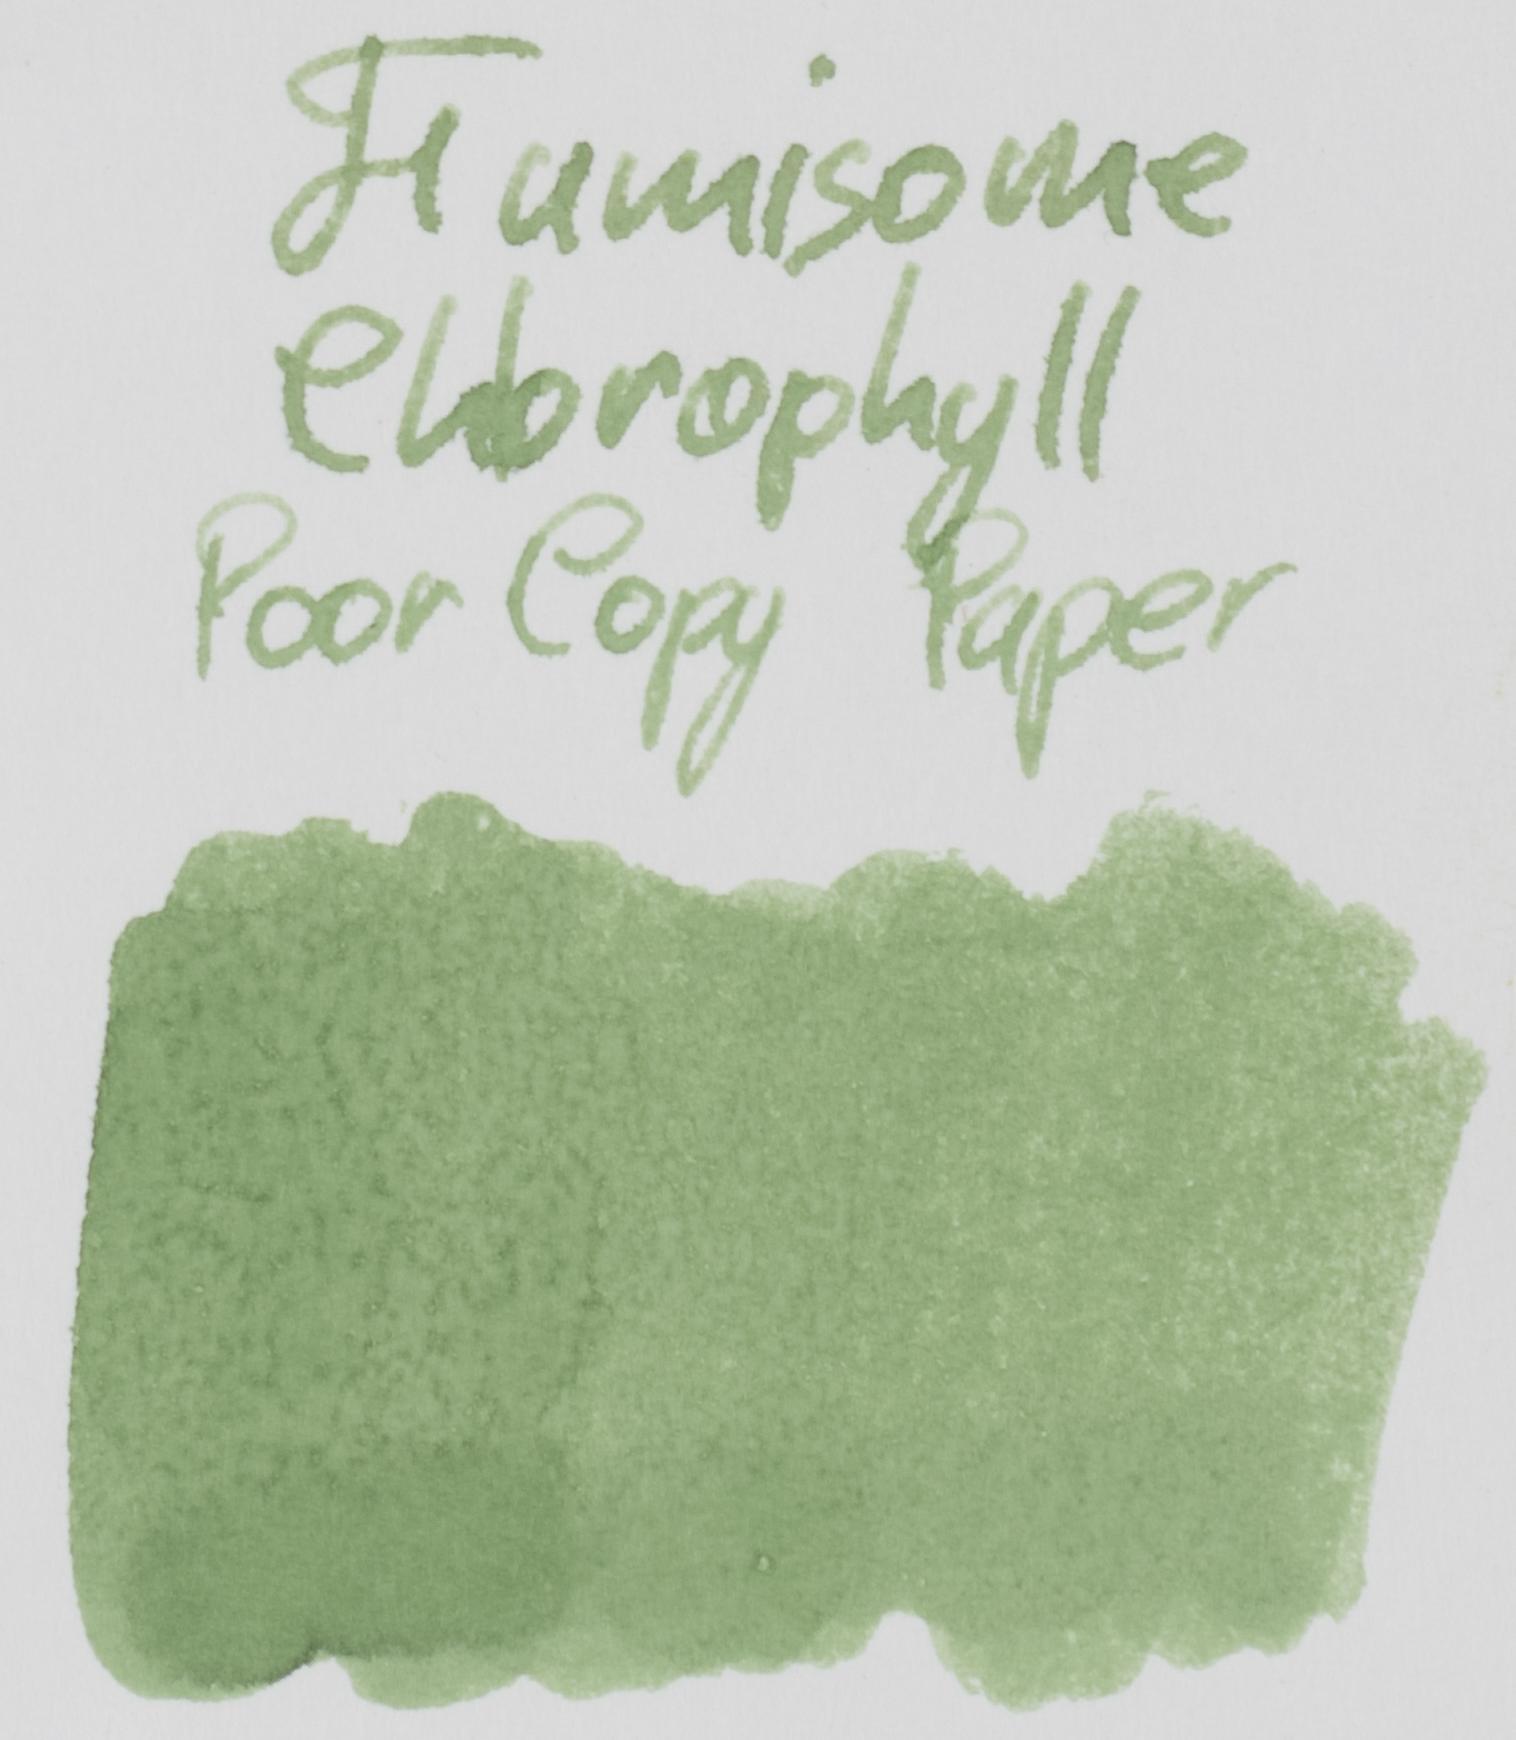 Poor Copy Paper